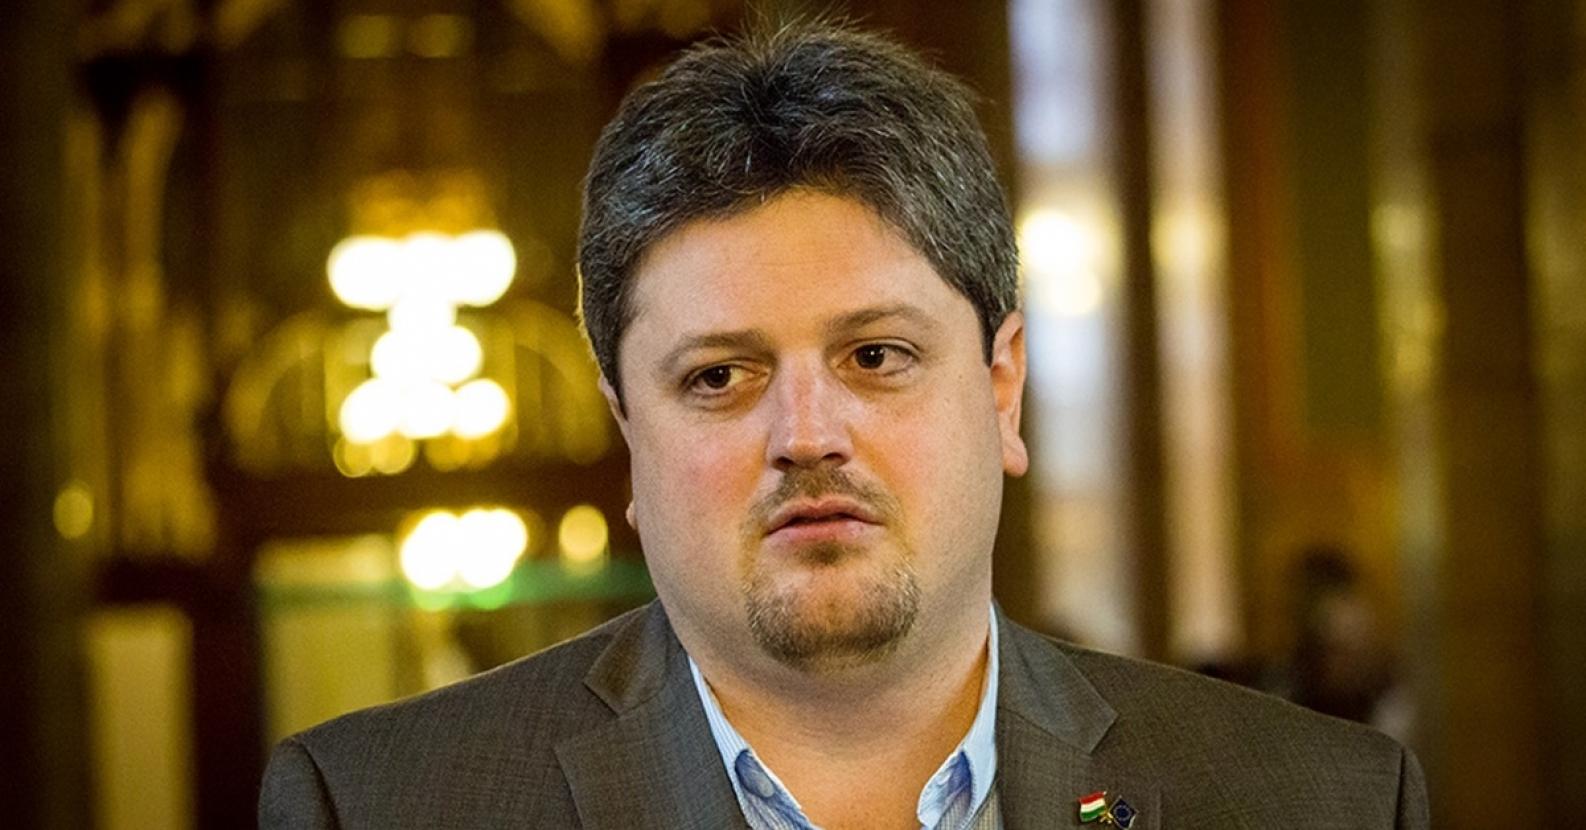 Nyílt levél Gulyás Gergely, a Törvényalkotási bizottság elnöke részére